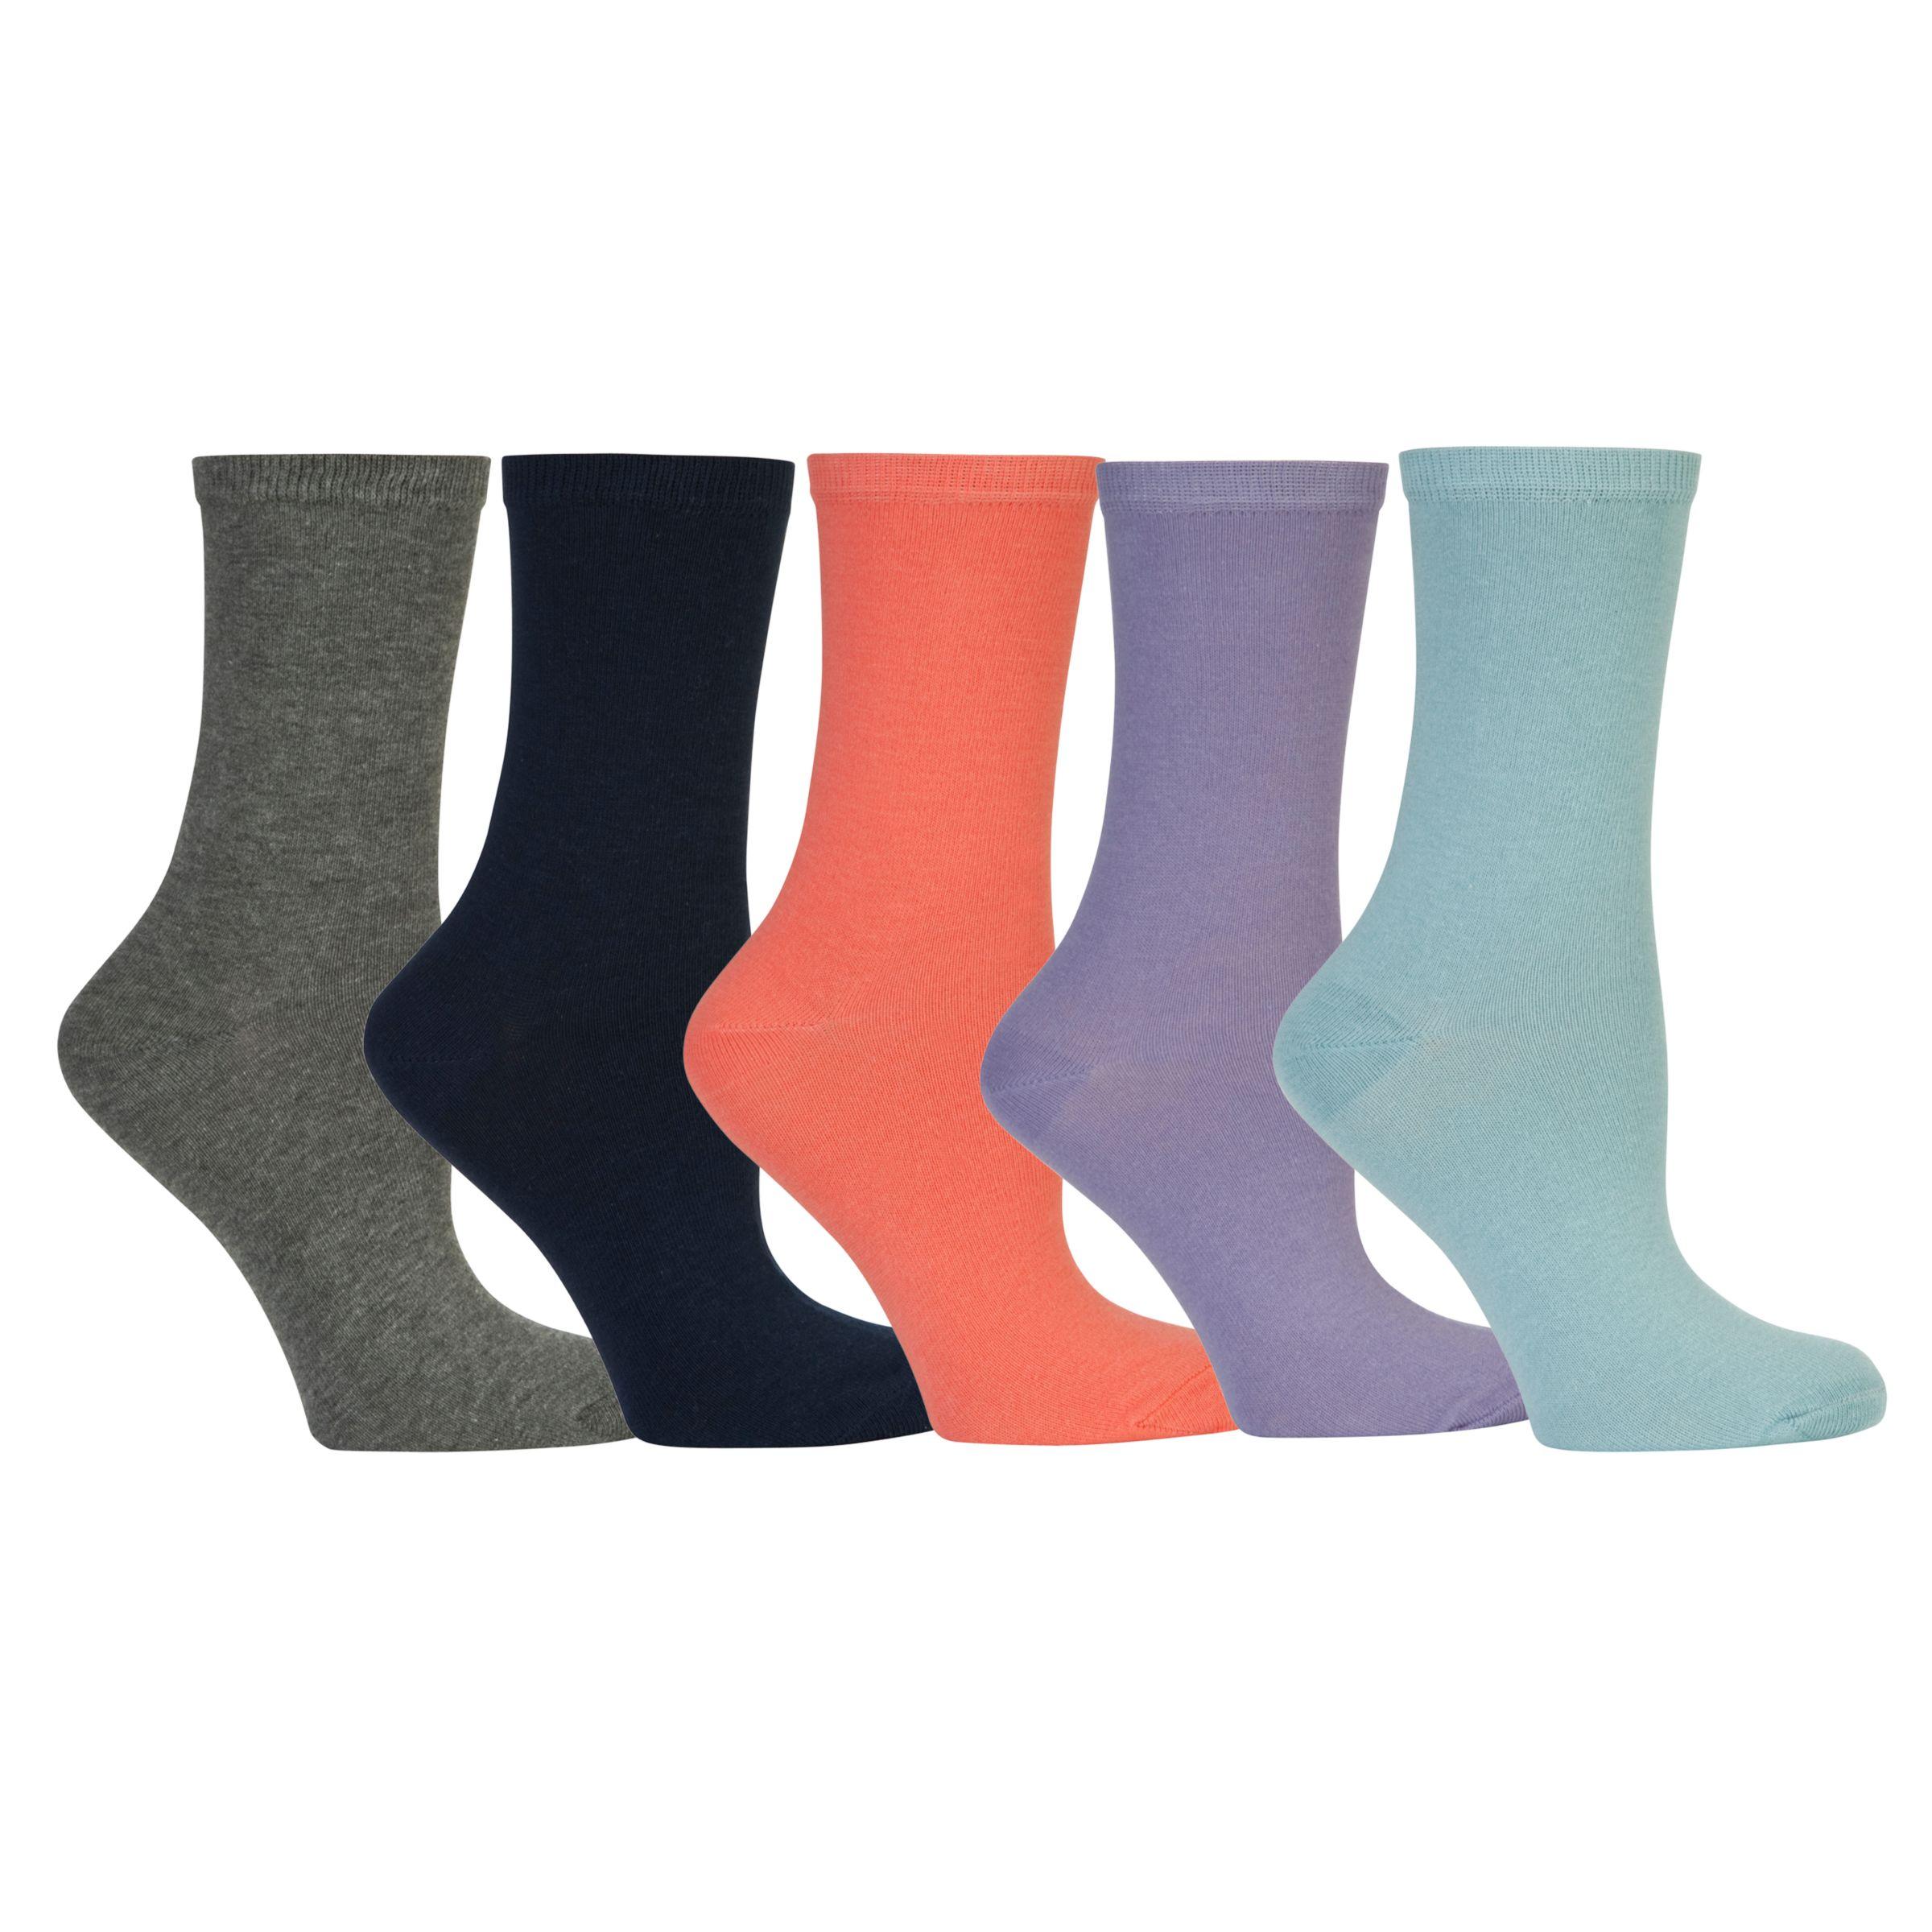 John Lewis Plain Cotton Feel Socks, Pack of 5, Multi